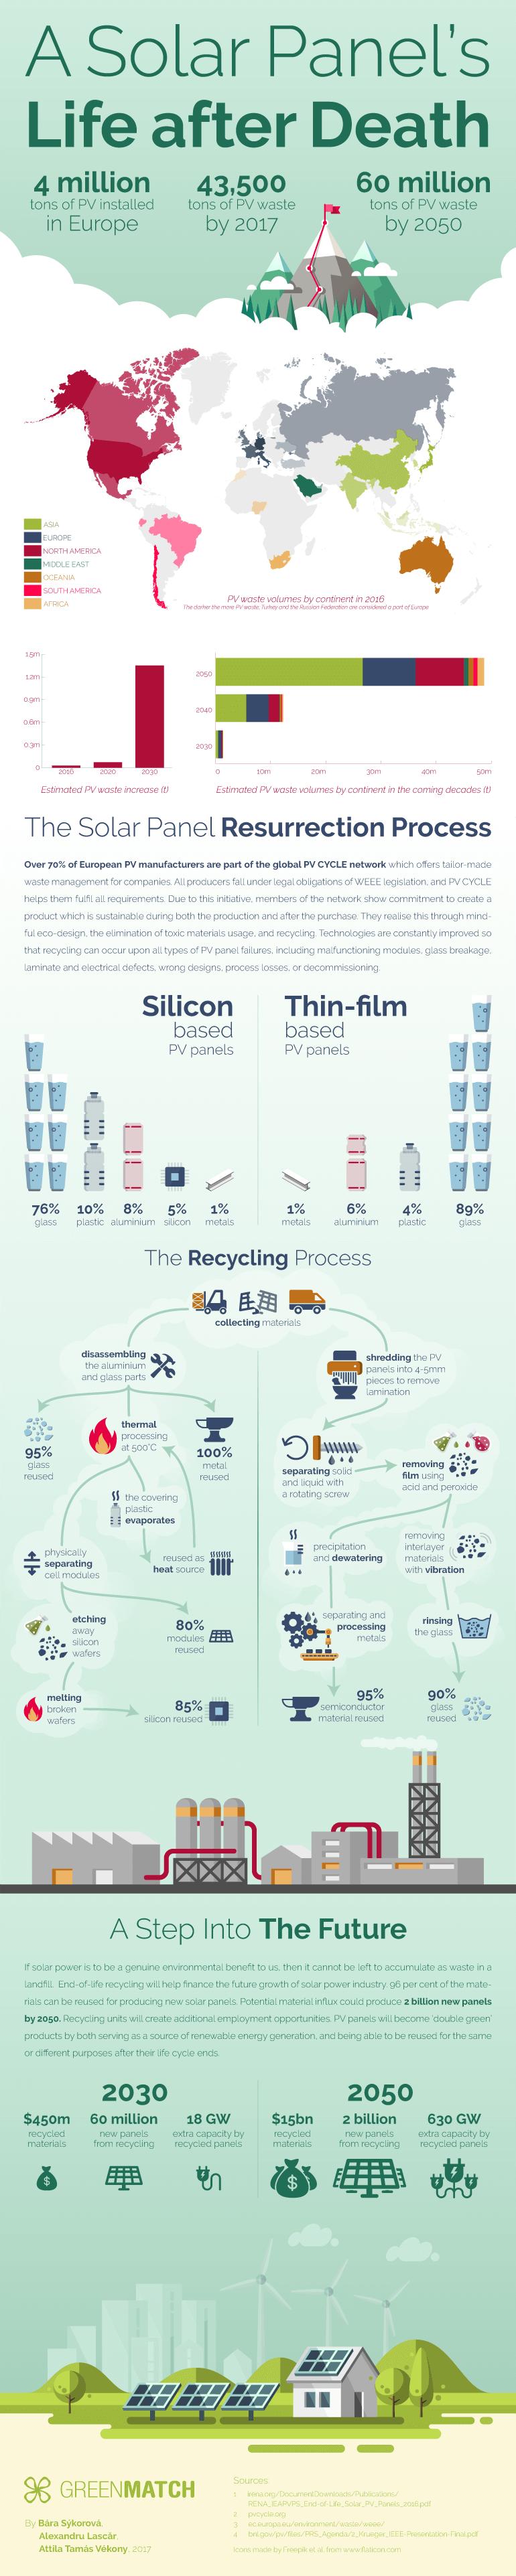 Smaltimento nel Fotovoltaico - Il regolamento per la gestione dei rifiuti RAEE